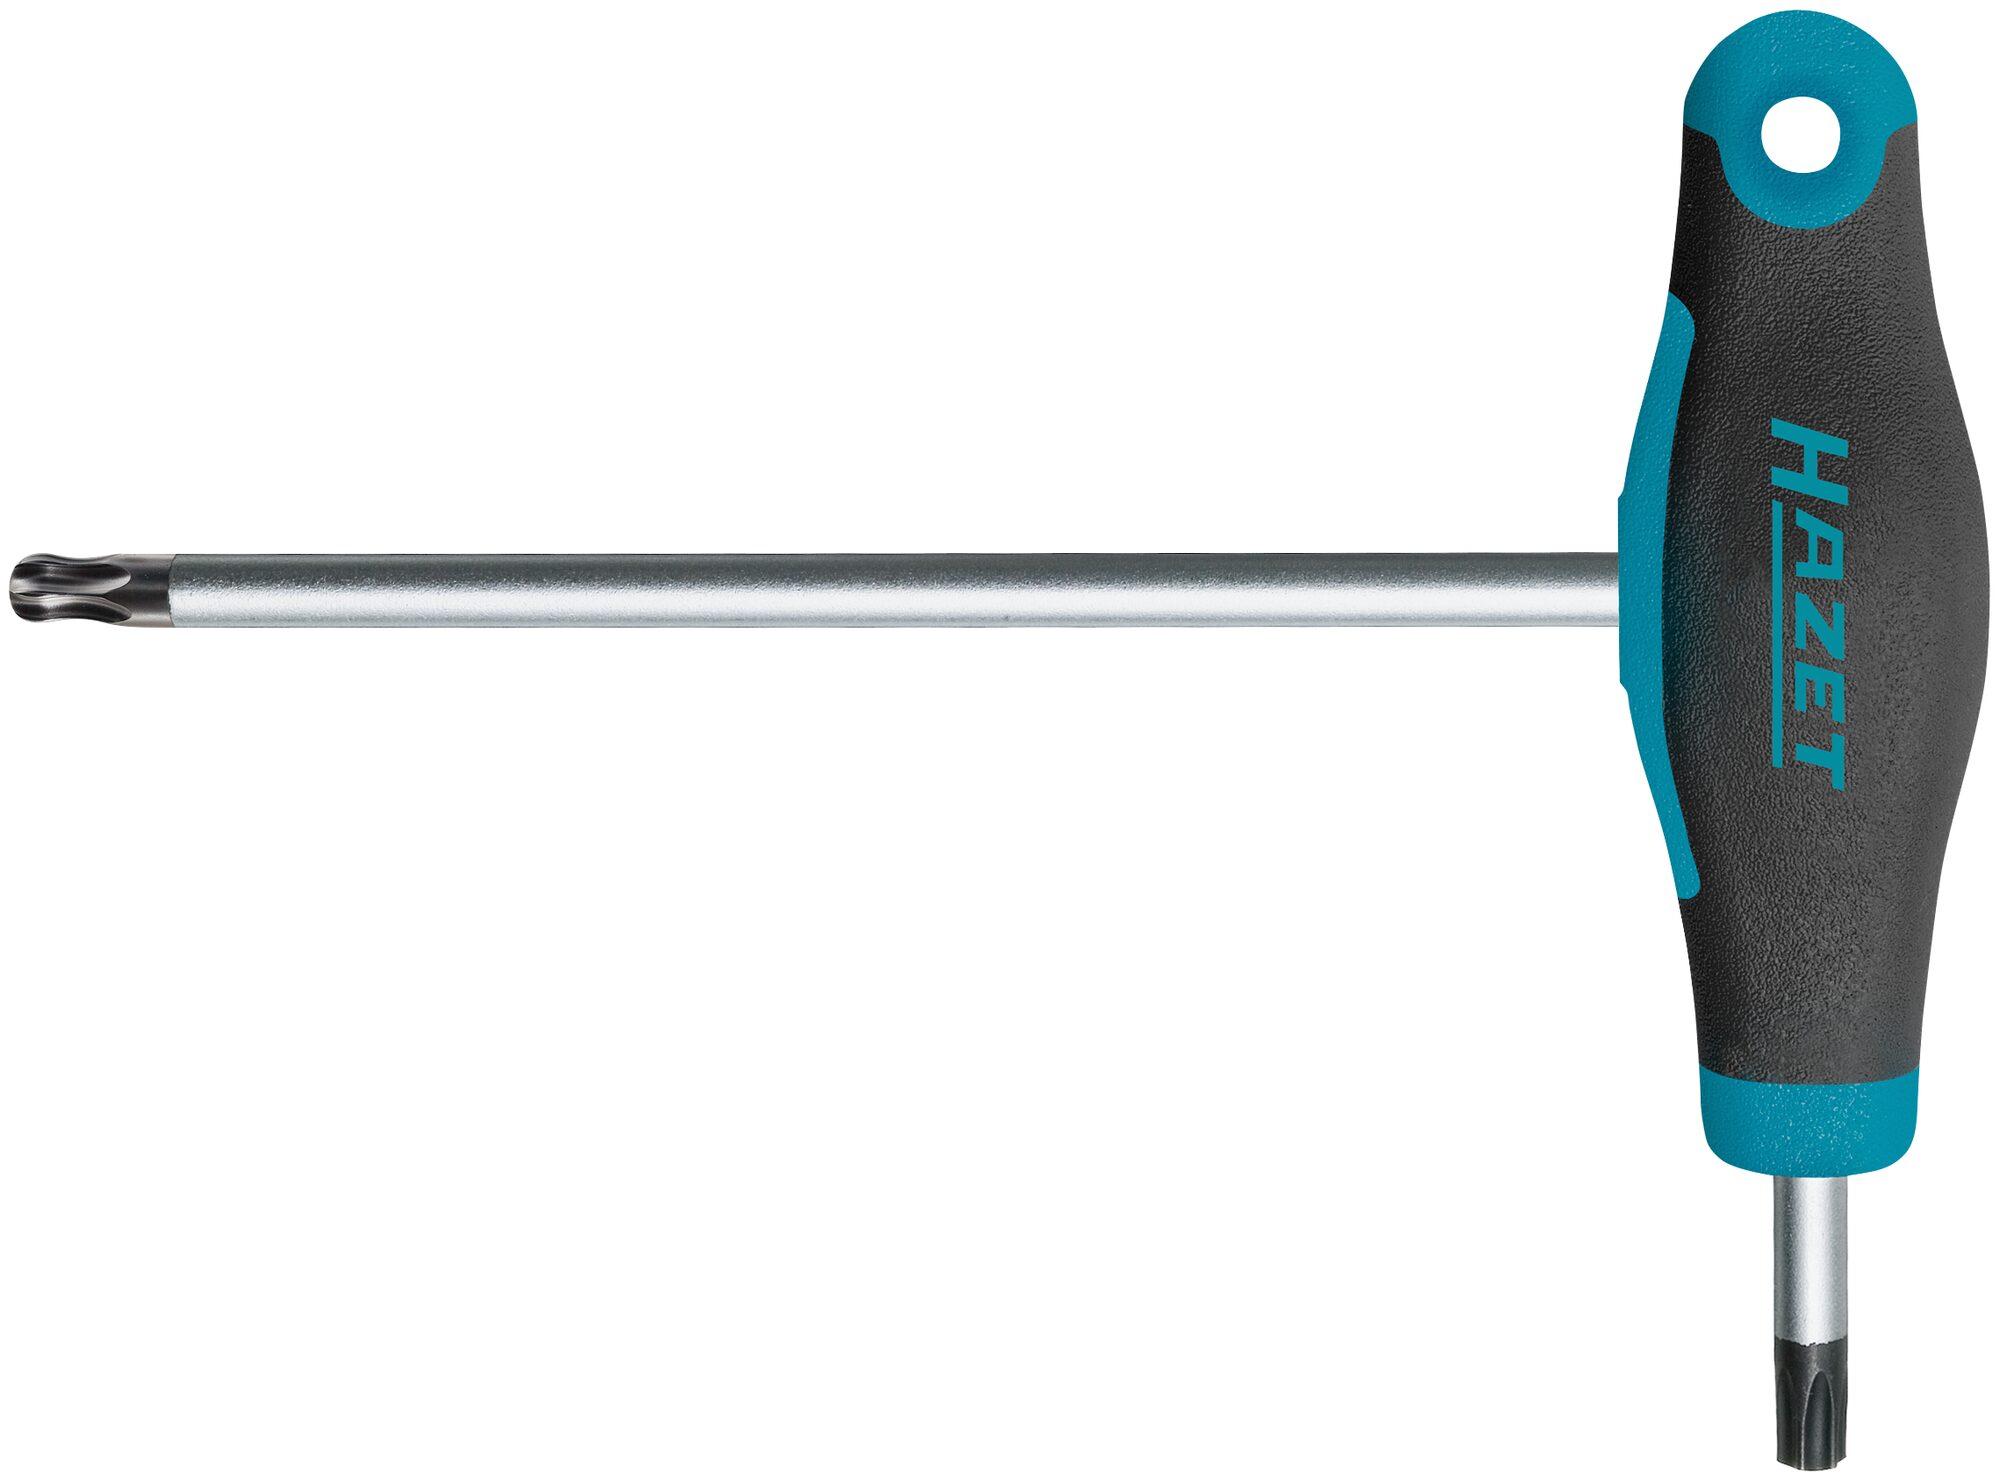 HAZET Schraubendreher ∙ mit T-Griff 829KKT-T25 ∙ Innen TORX® Profil ∙ T25